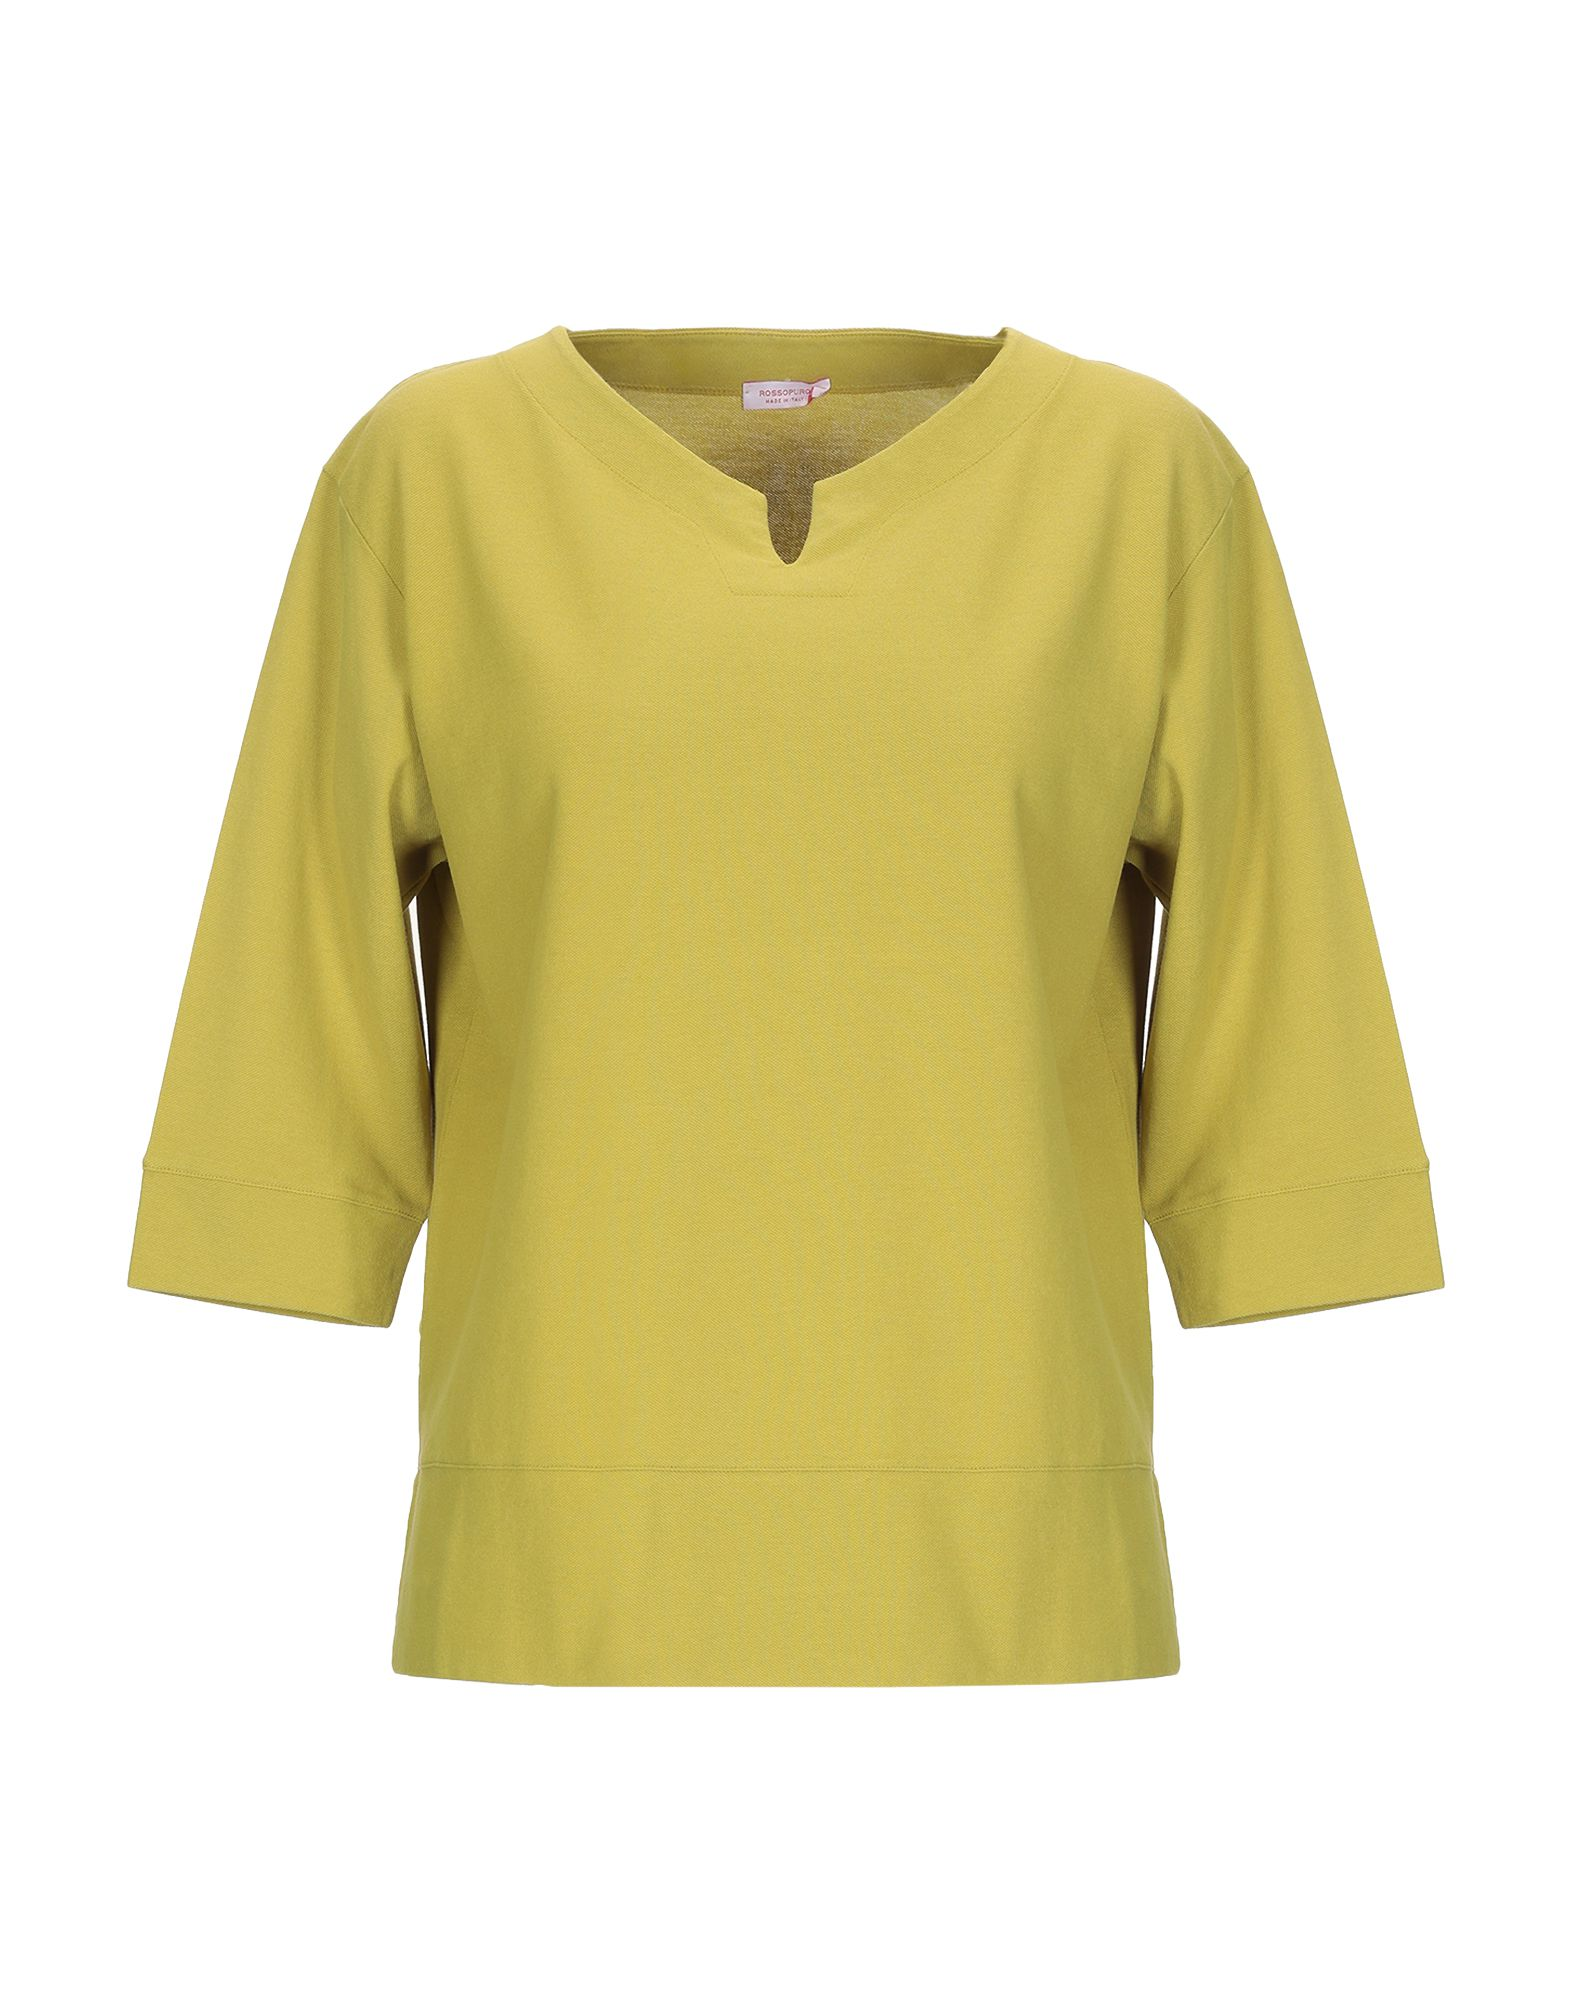 《送料無料》ROSSOPURO レディース スウェットシャツ ビタミングリーン XS コットン 100%